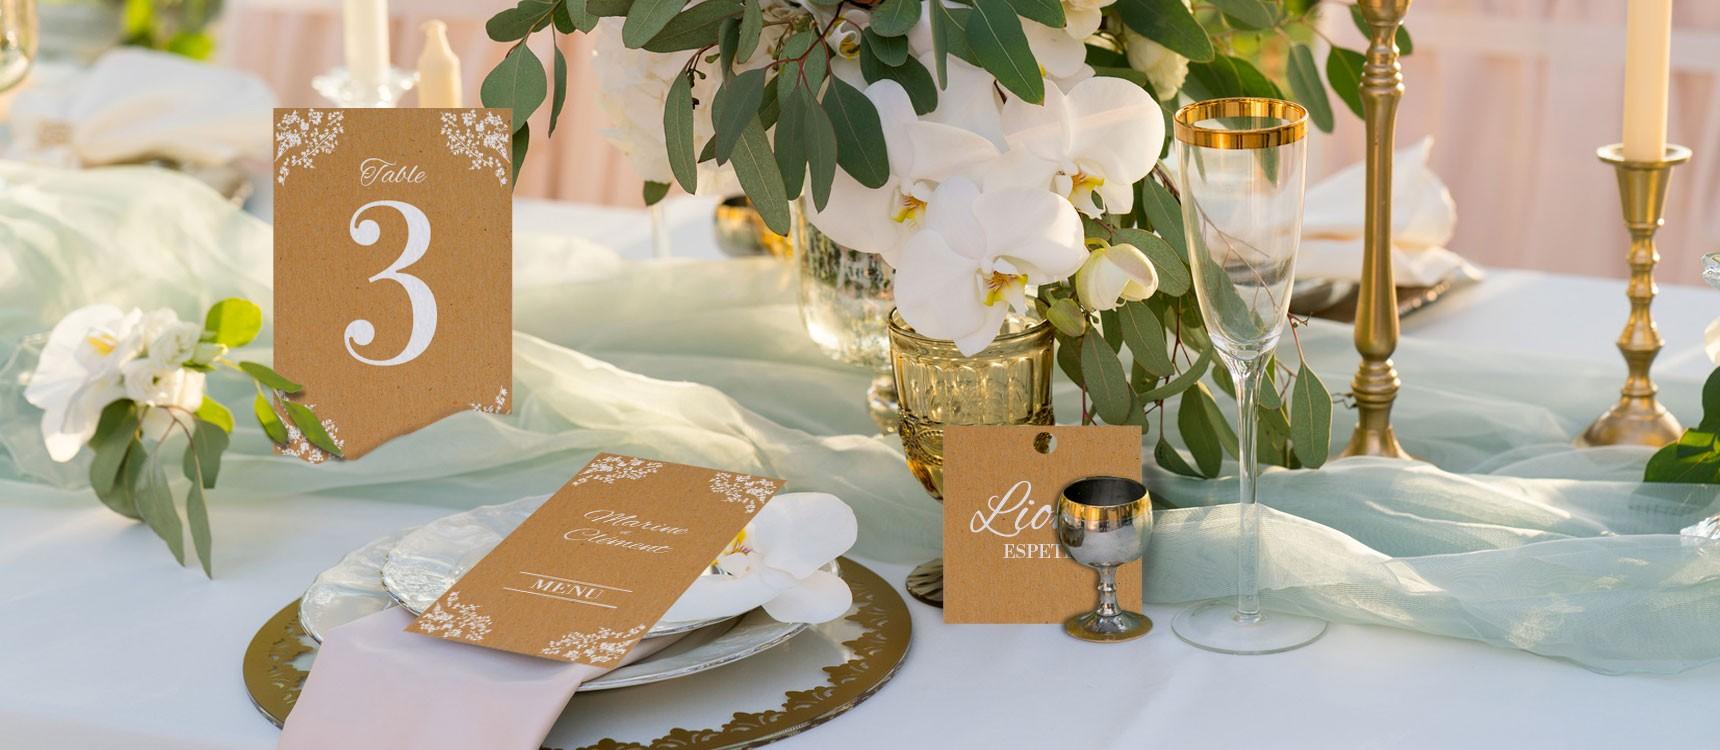 Marque place ad le pour une table de mariage champ tre chic - Marque place mariage champetre ...